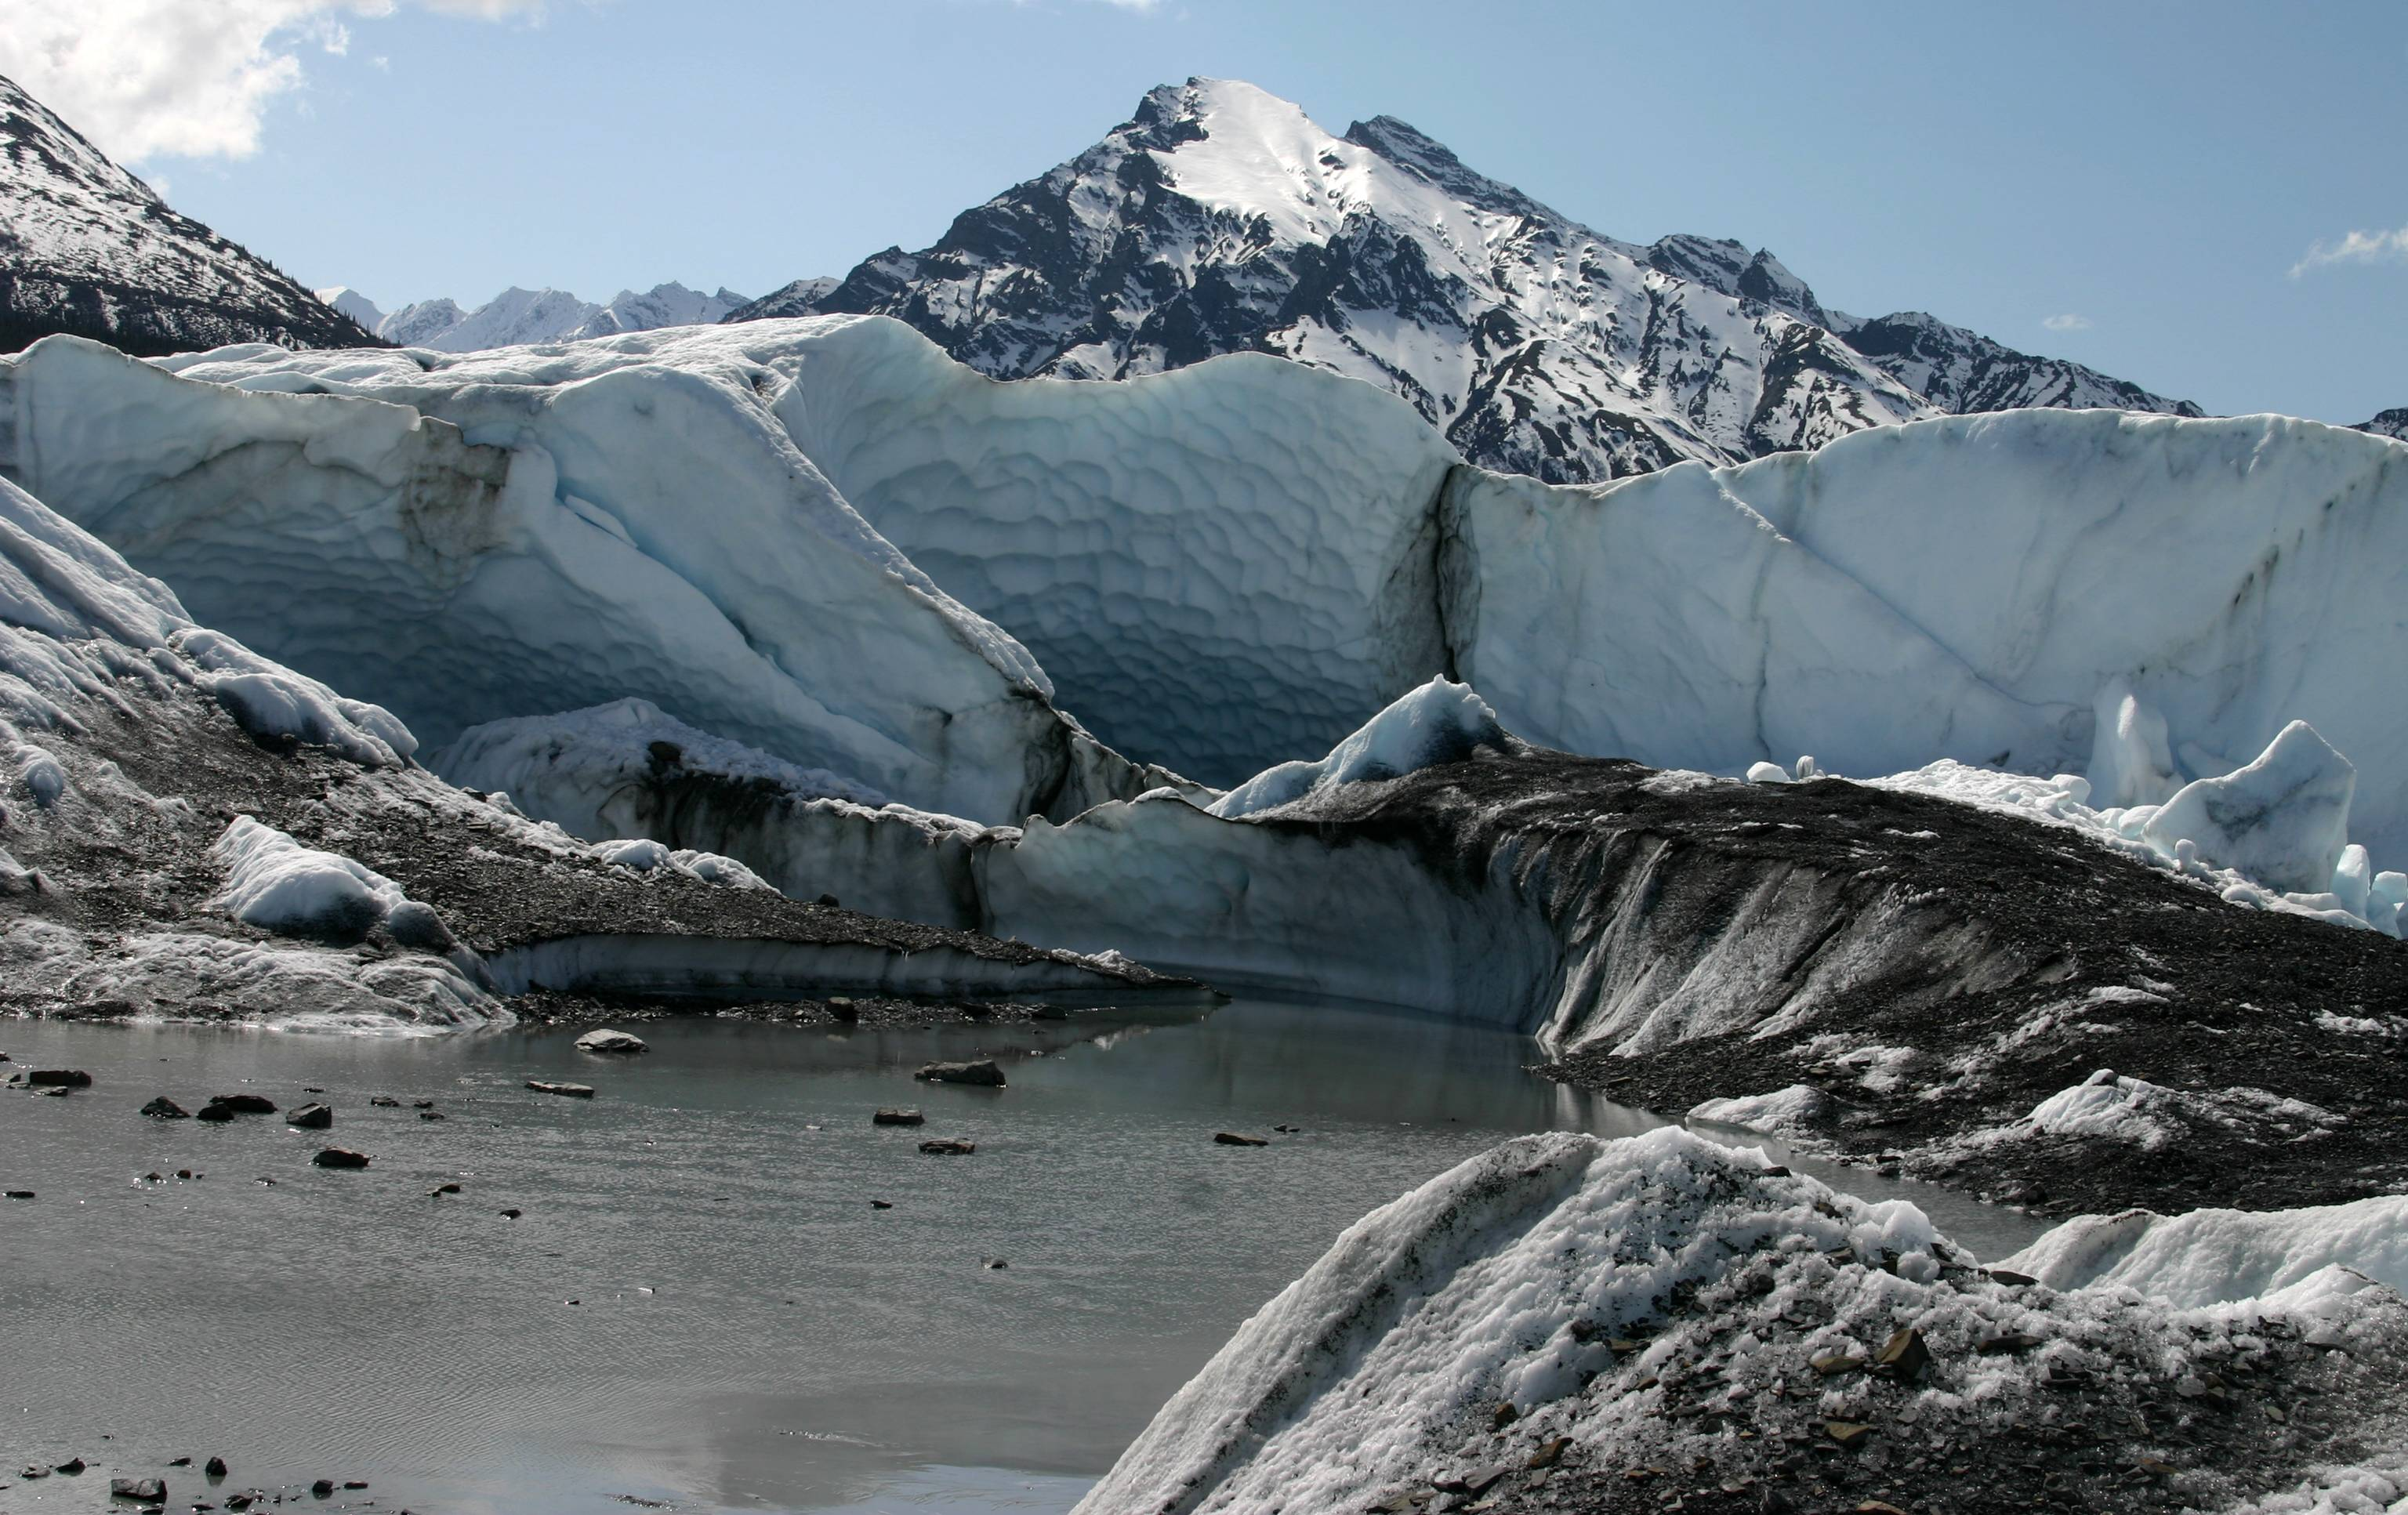 Snout of Matanuska Glacier